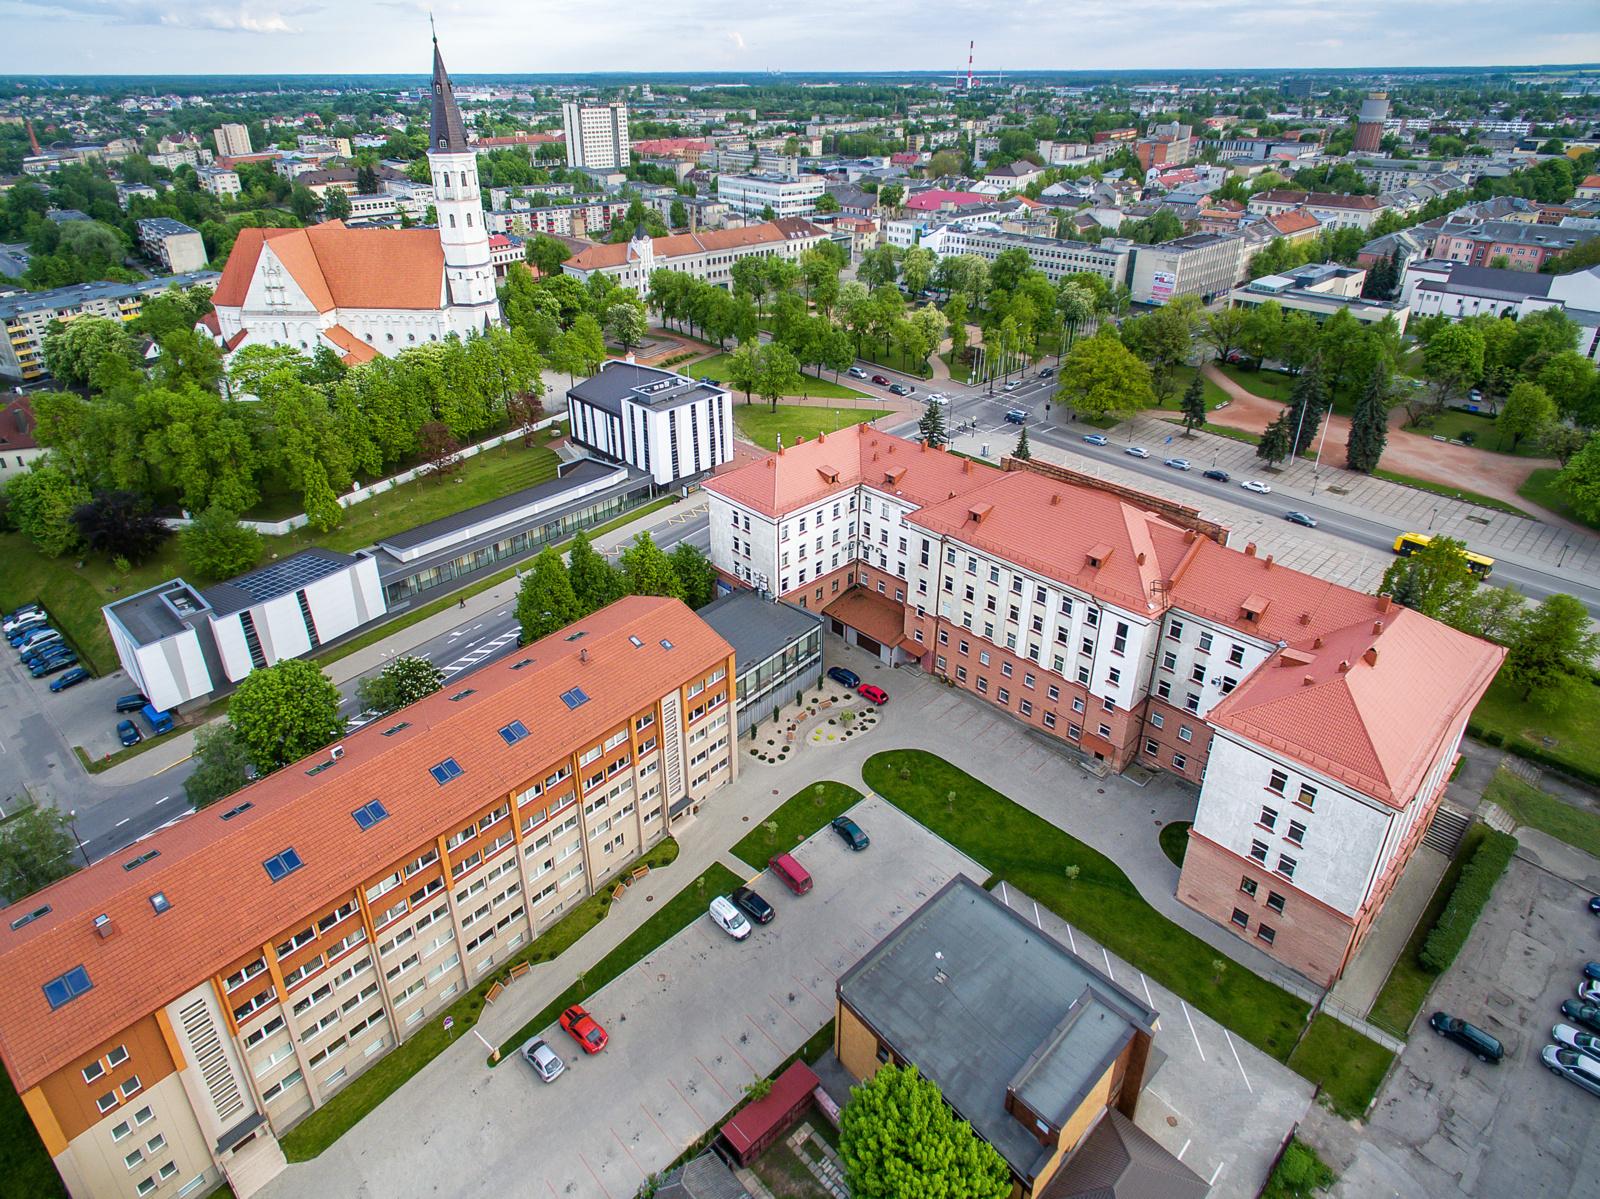 Įgyvendintas projektas, skirtas SKU modelio plėtrai Šiaulių mieste